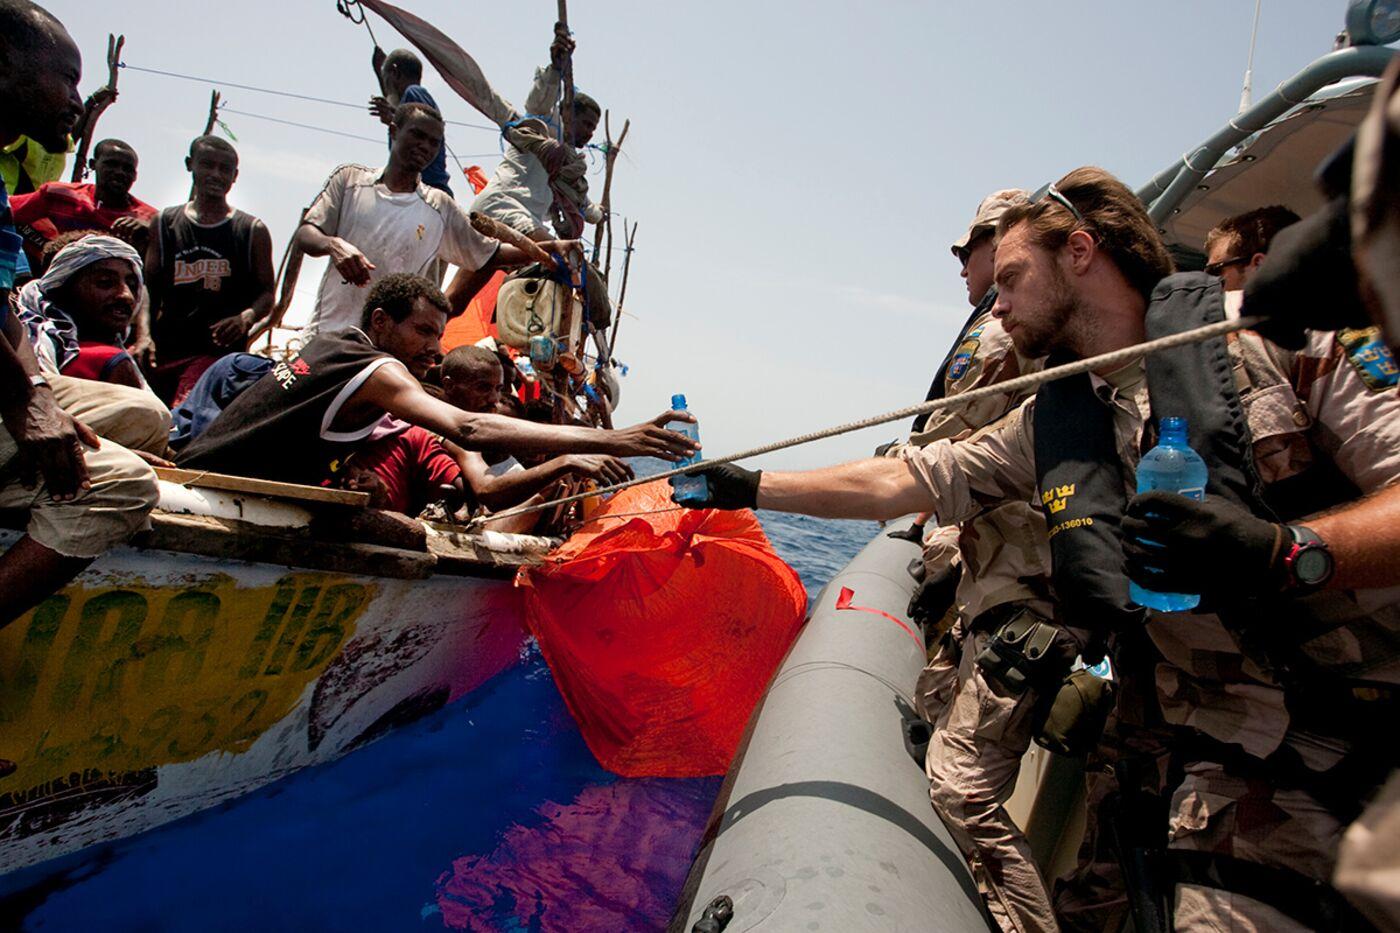 Swedish EU Naval Force frigate HSMS Carlskrona helping Somali seafarers in 2010.